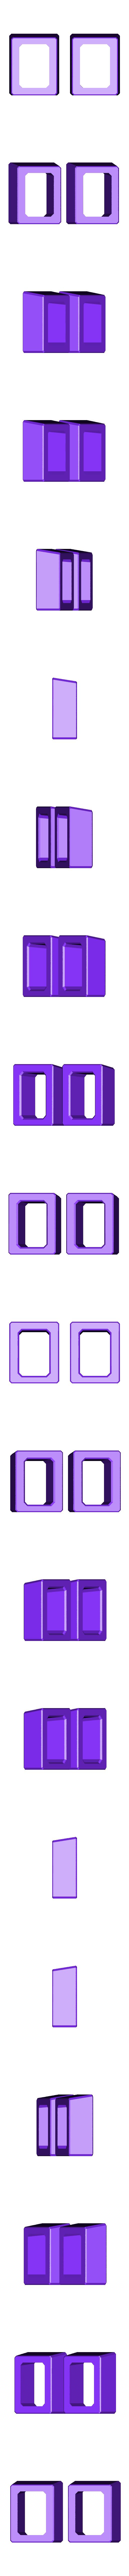 16_Brawn_Leg2_Knee_GREY.stl Download free STL file G1 Transformers Brawn • 3D printer object, Toymakr3D